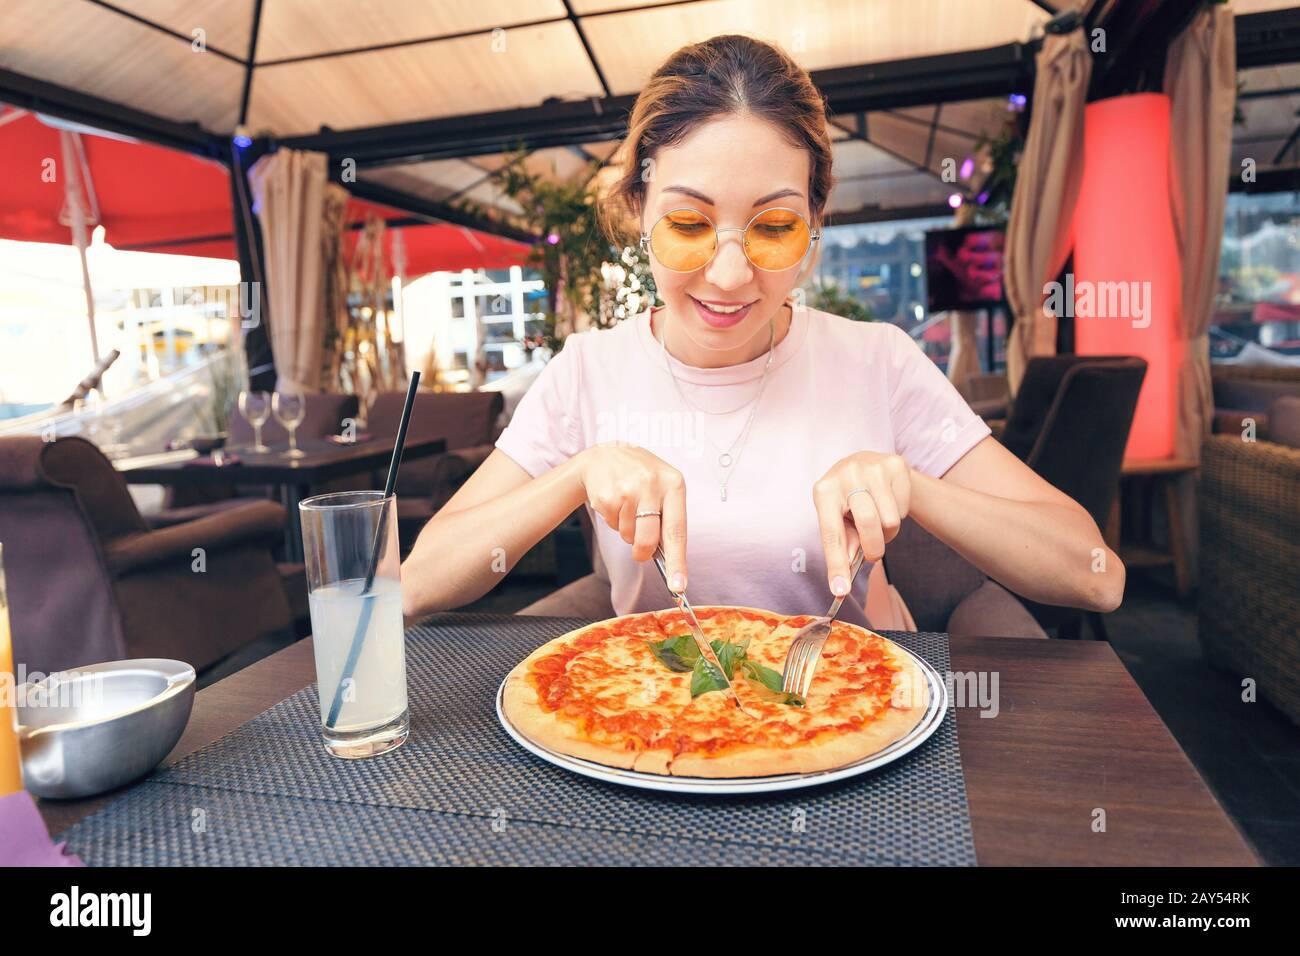 Giovane ragazza che mangia deliziosa pizza con formaggio e verdure in pizzeria Foto Stock